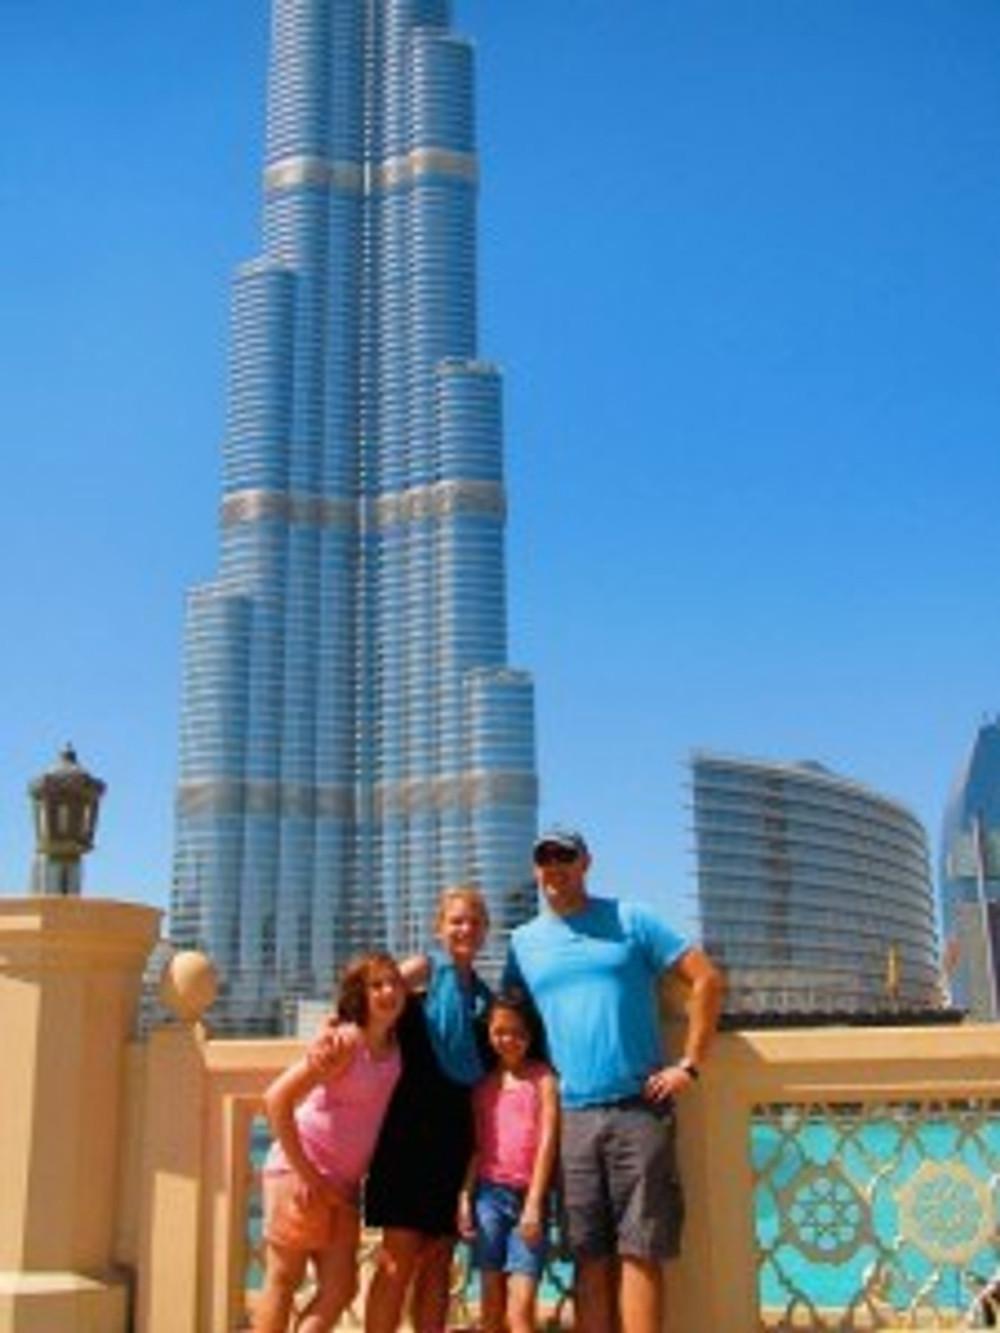 Family at Burj Khalifa